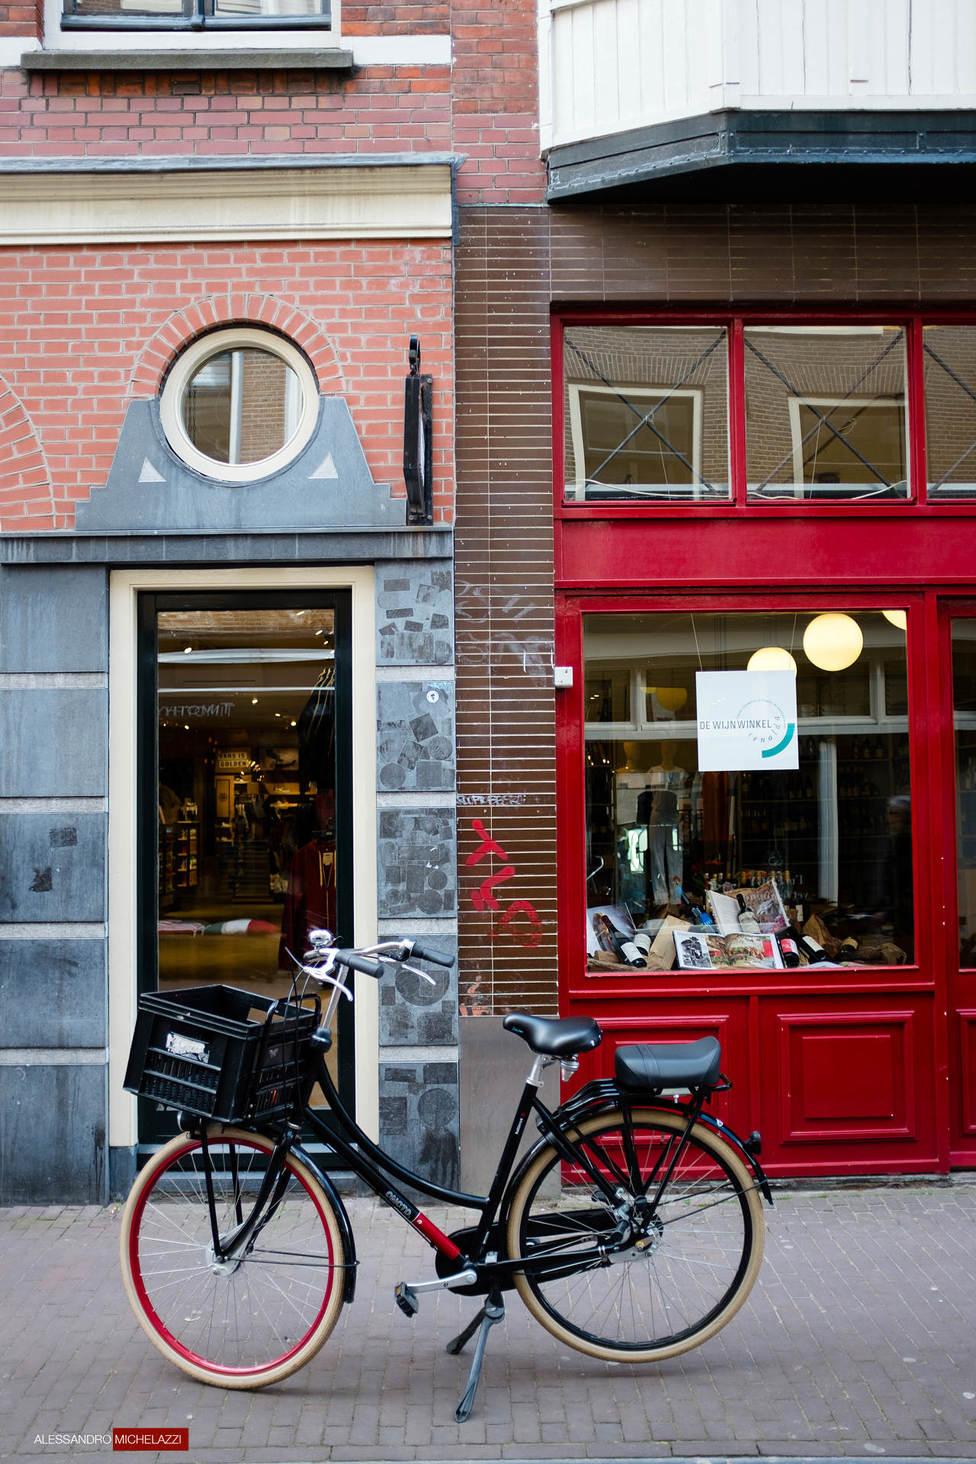 Amsterdam-Alessandro-Michelazzi-9